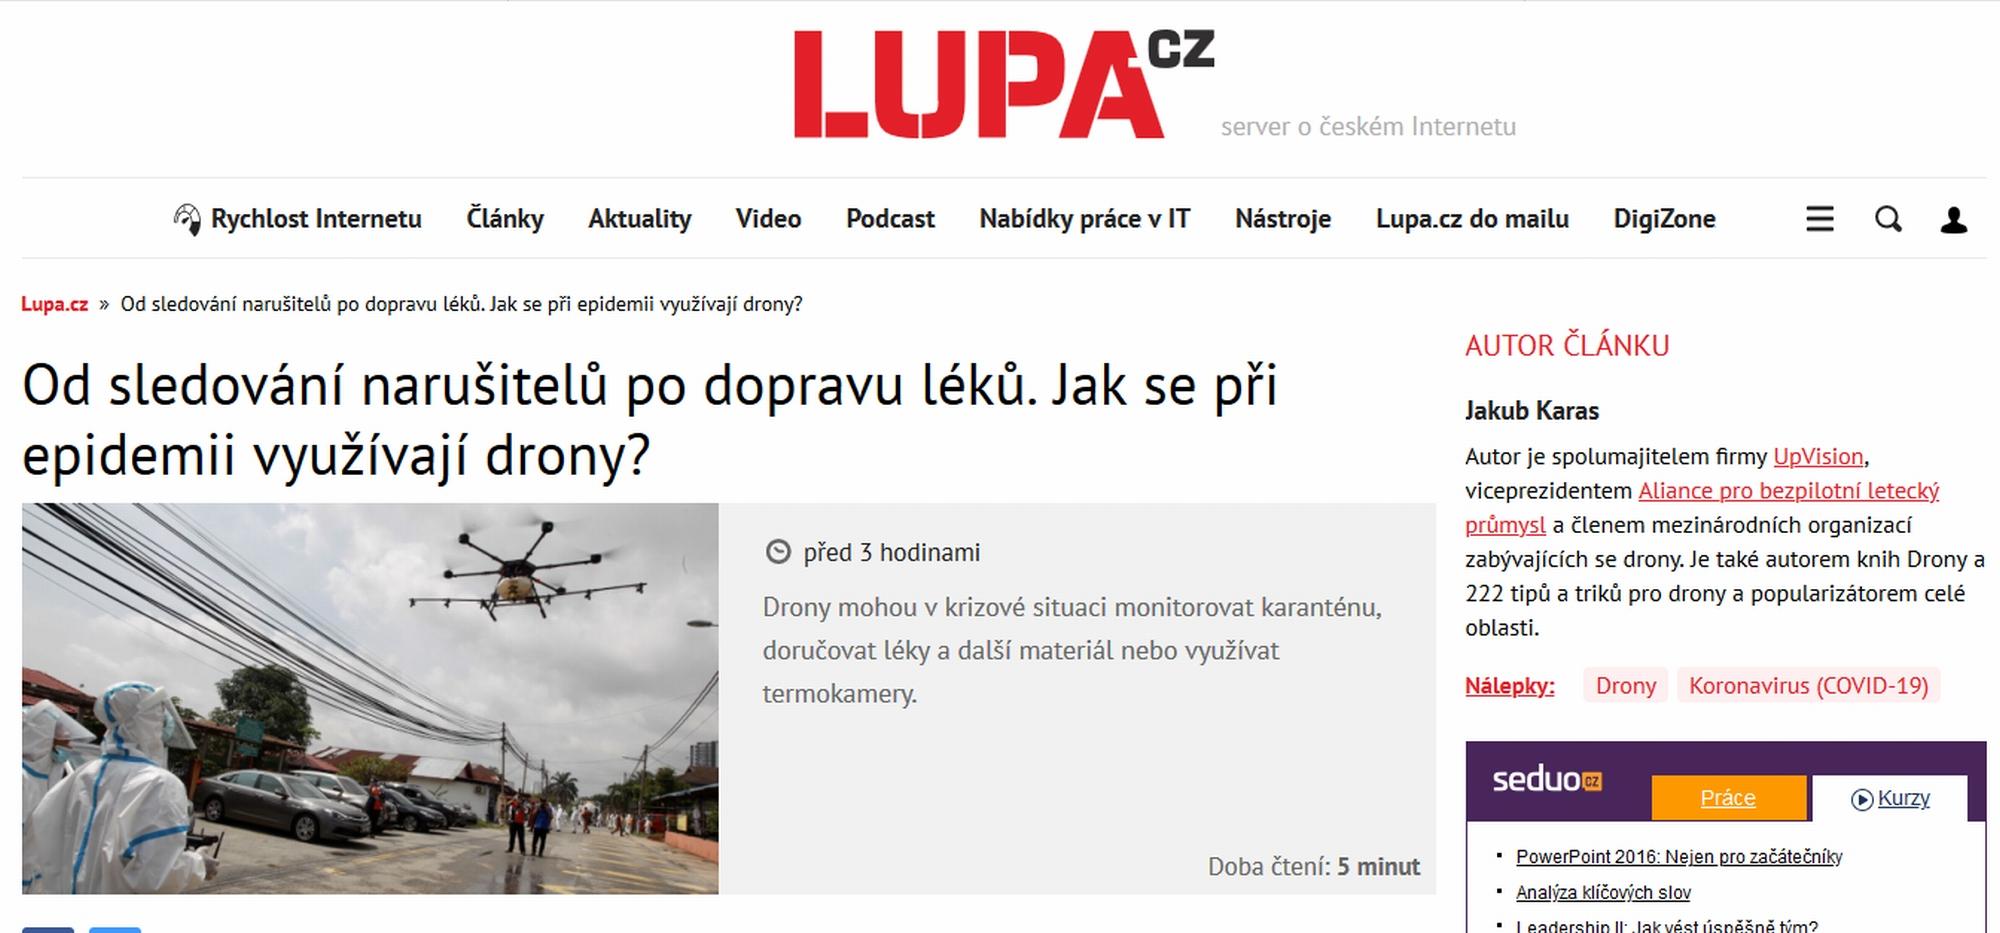 Na Lupa.cz vyšel Jakubův článek o využití dronů po světě v probíhající pandemii